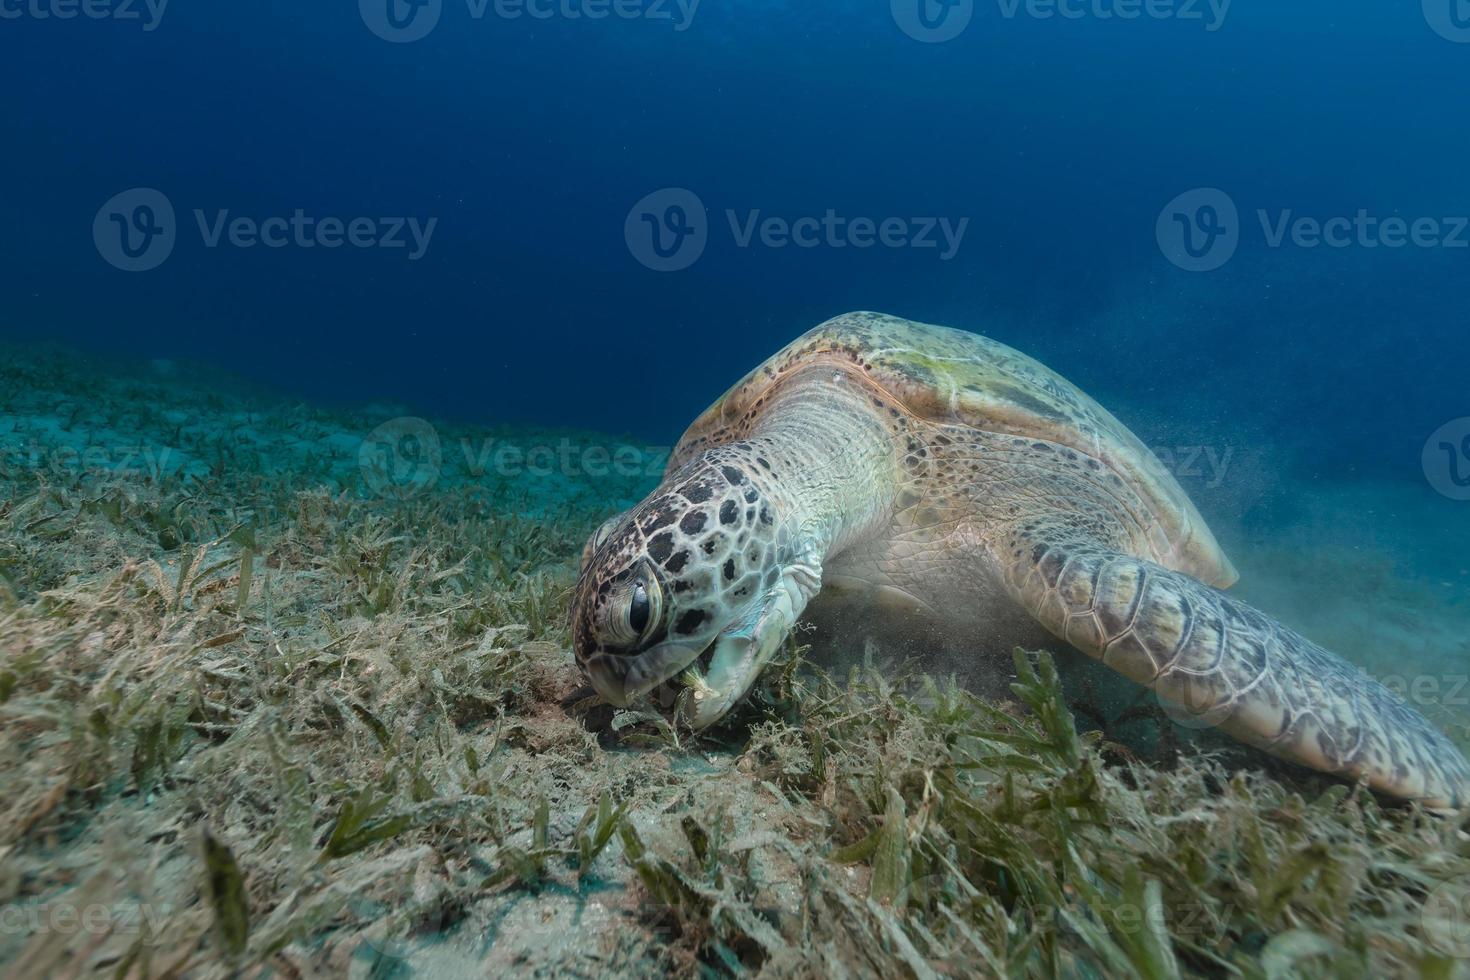 kvinnlig grön sköldpadda som äter havsgräs. foto